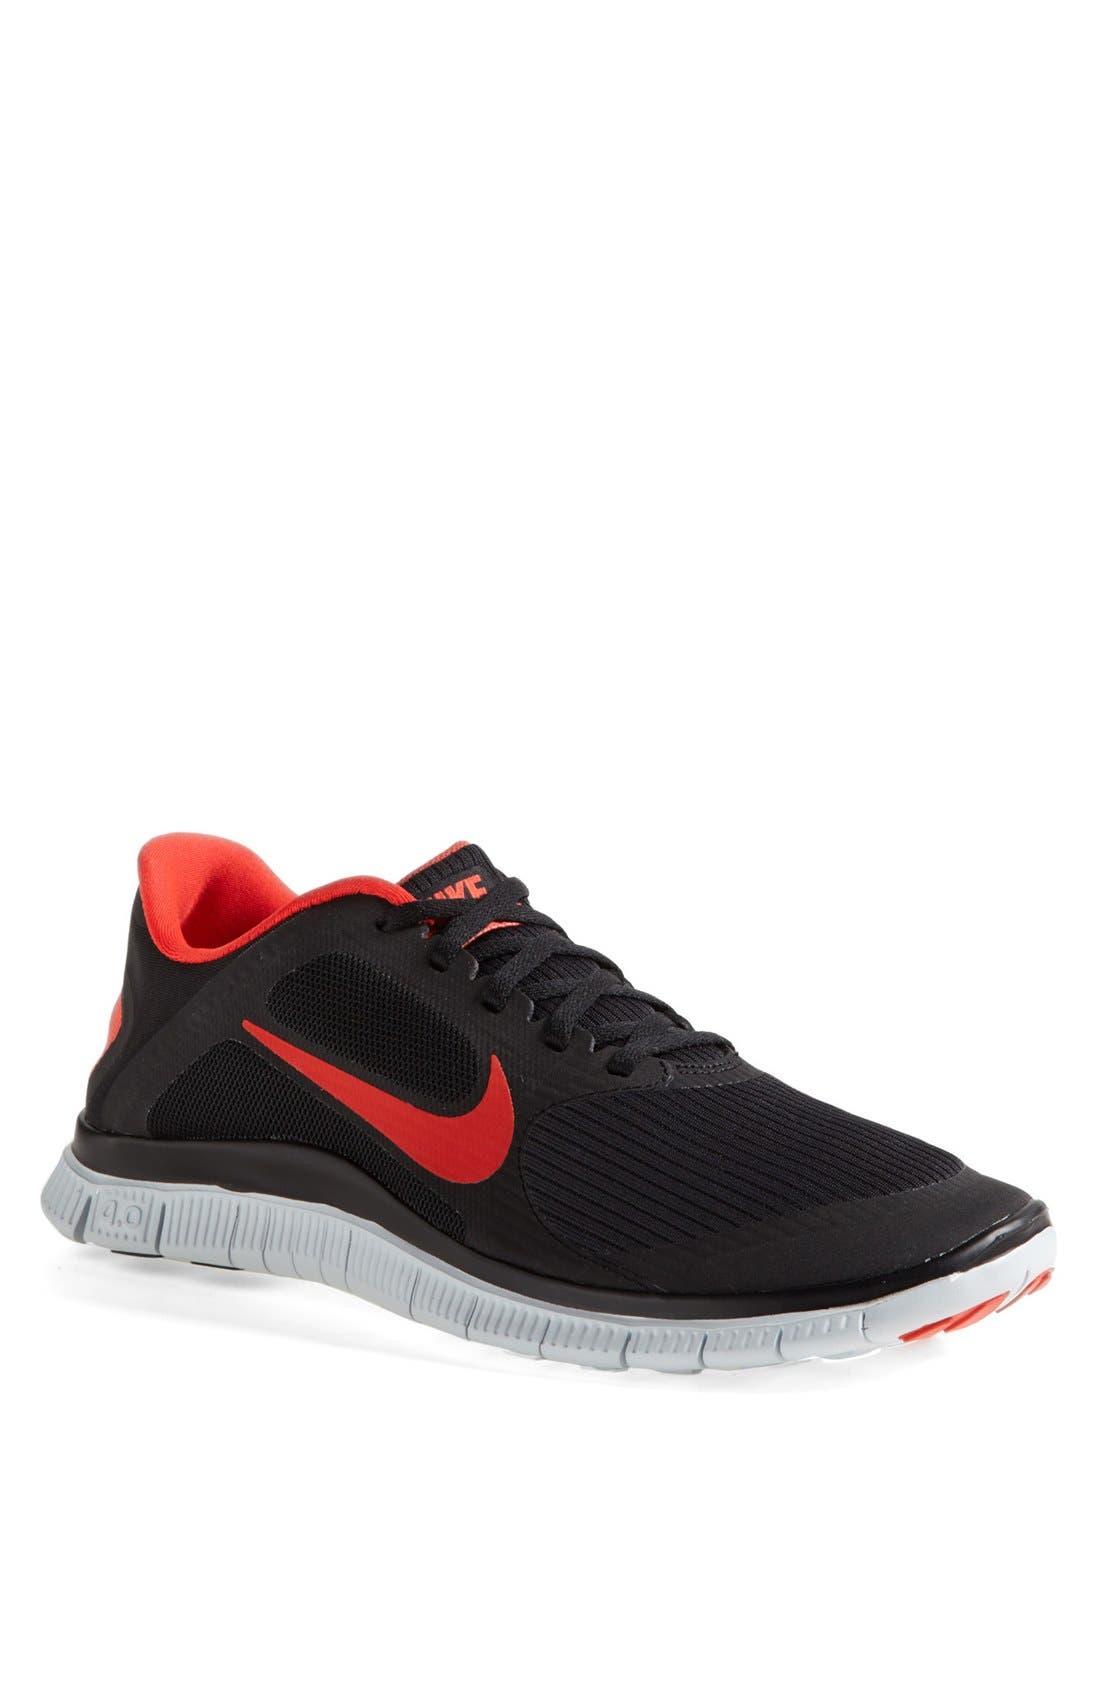 Alternate Image 1 Selected - Nike 'Free 4.0 V3' Running Shoe (Men)